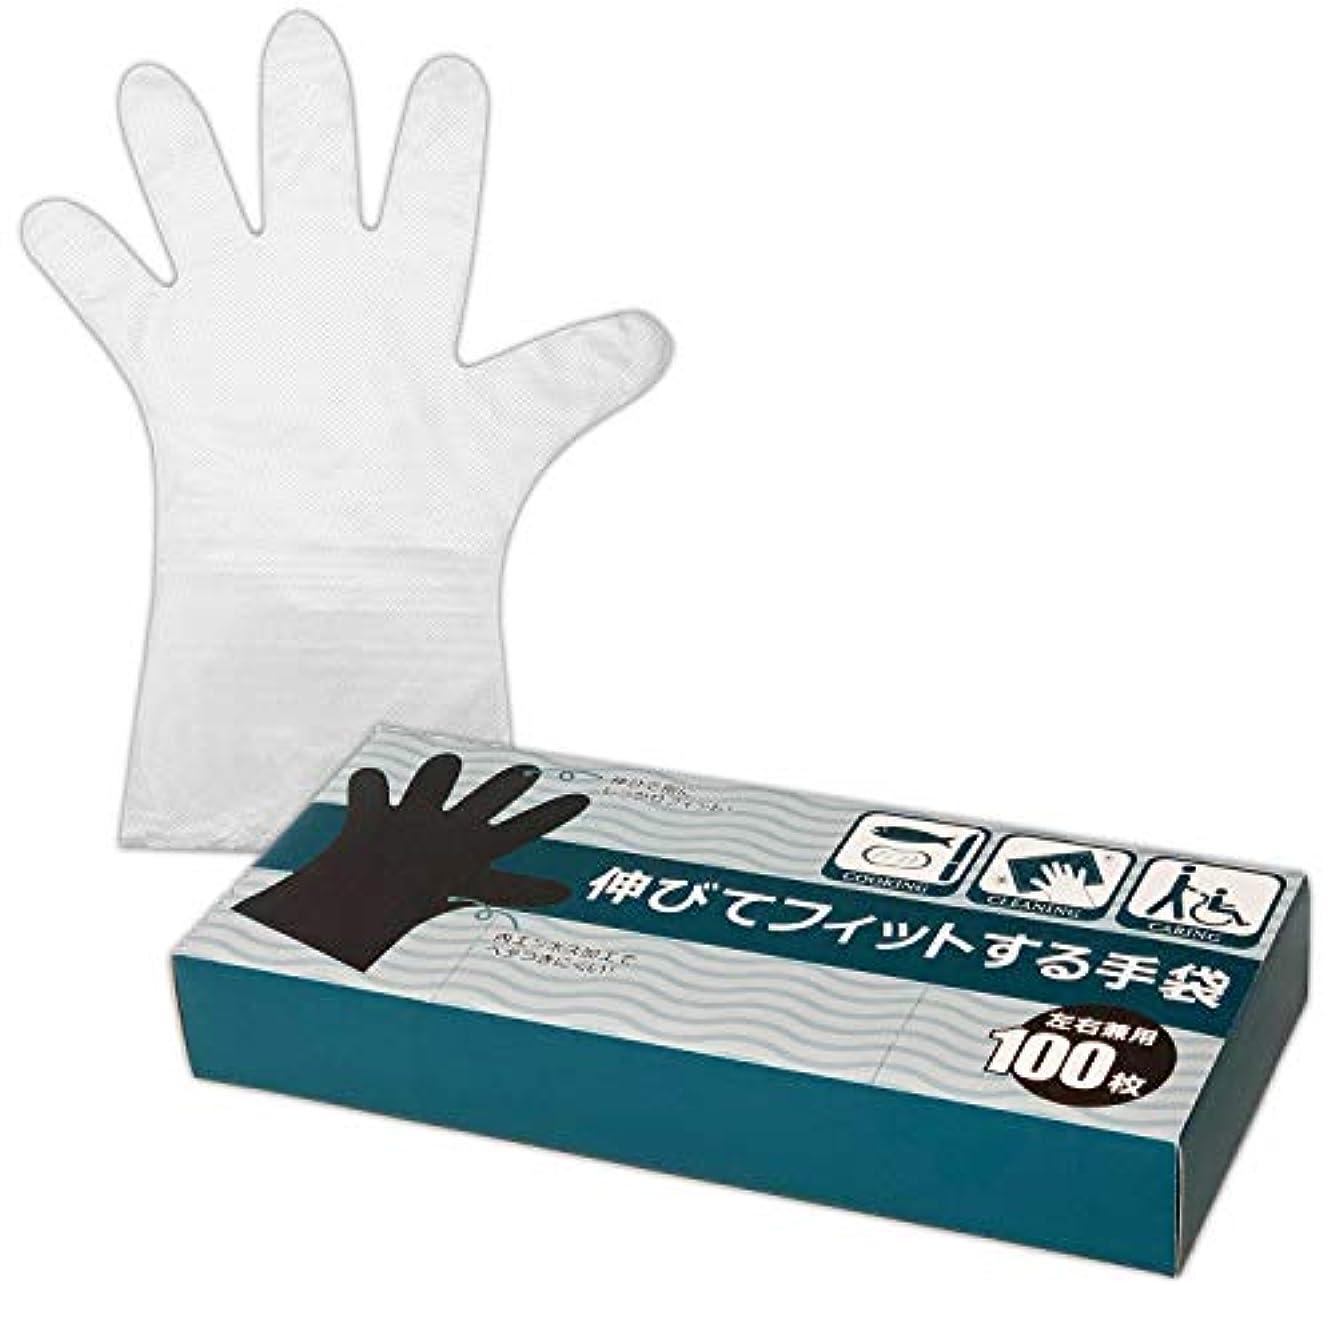 リーズ下手カイウス伸びてフィットする手袋 100枚入 使い捨て 作業用 キッチン 掃除 料理 介護